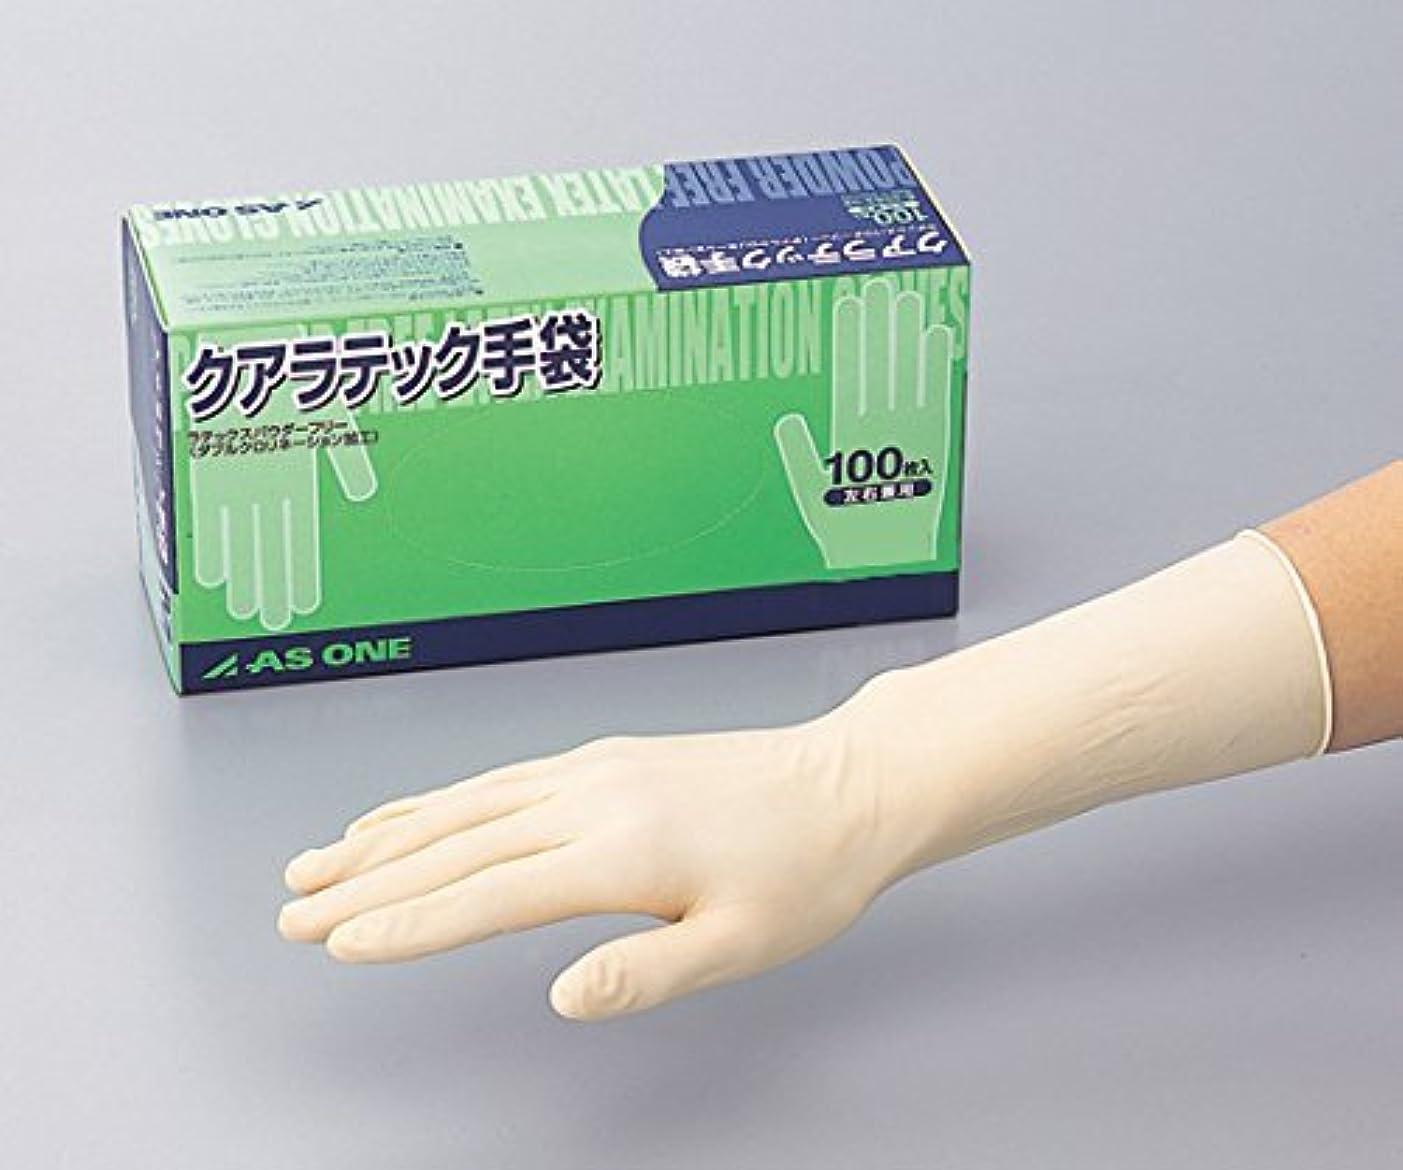 ショット上げる逃げるアズワン8-4053-01クアラテック手袋(DXパウダーフリー)L1箱(100枚入)